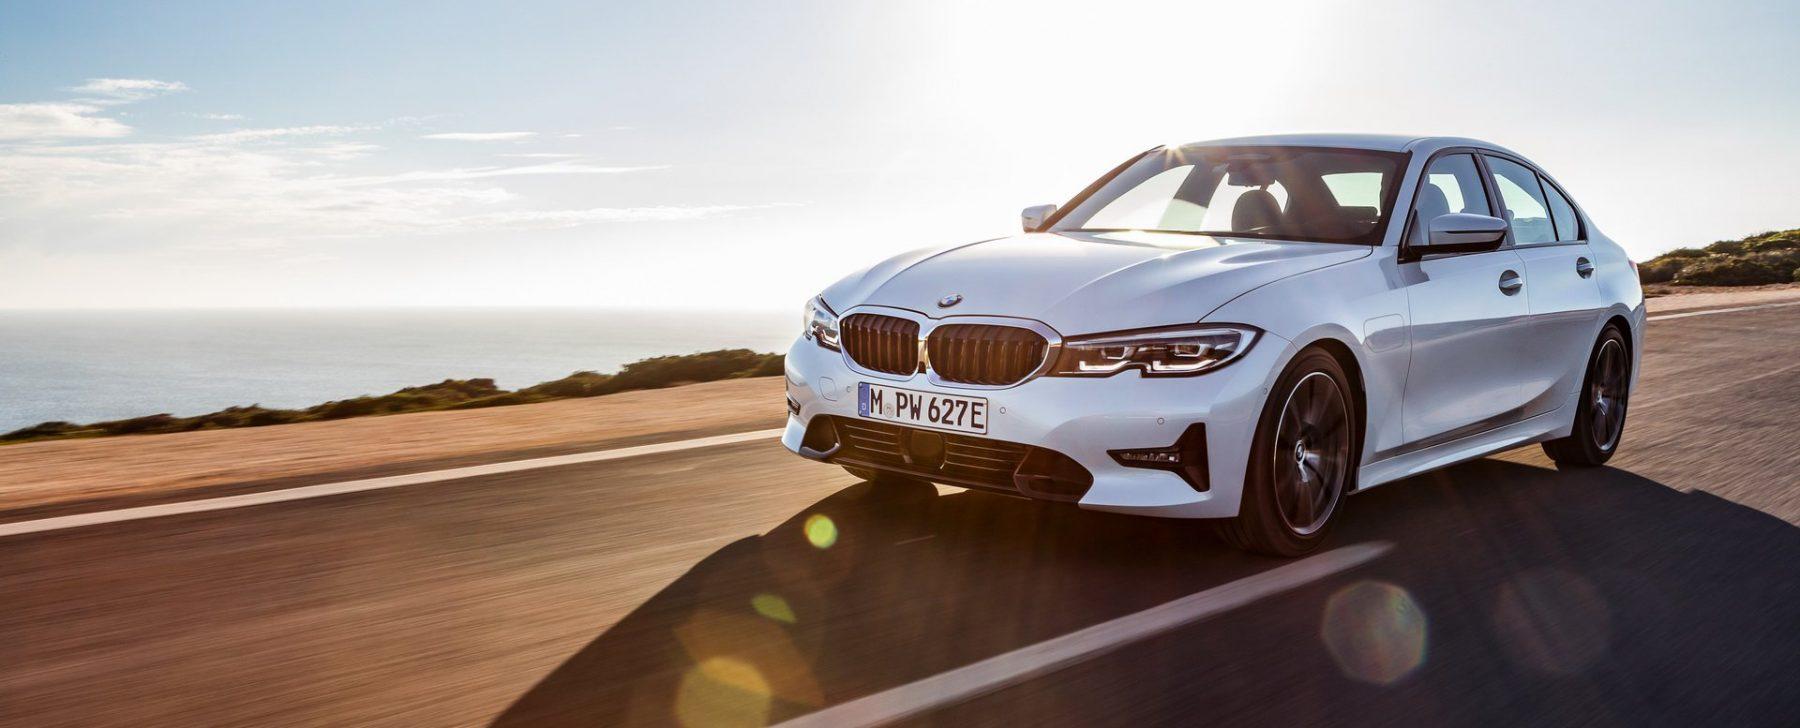 00984d8f07a El BMW Serie 3 híbrido enchufable hace 60 kilómetros en modo eléctrico